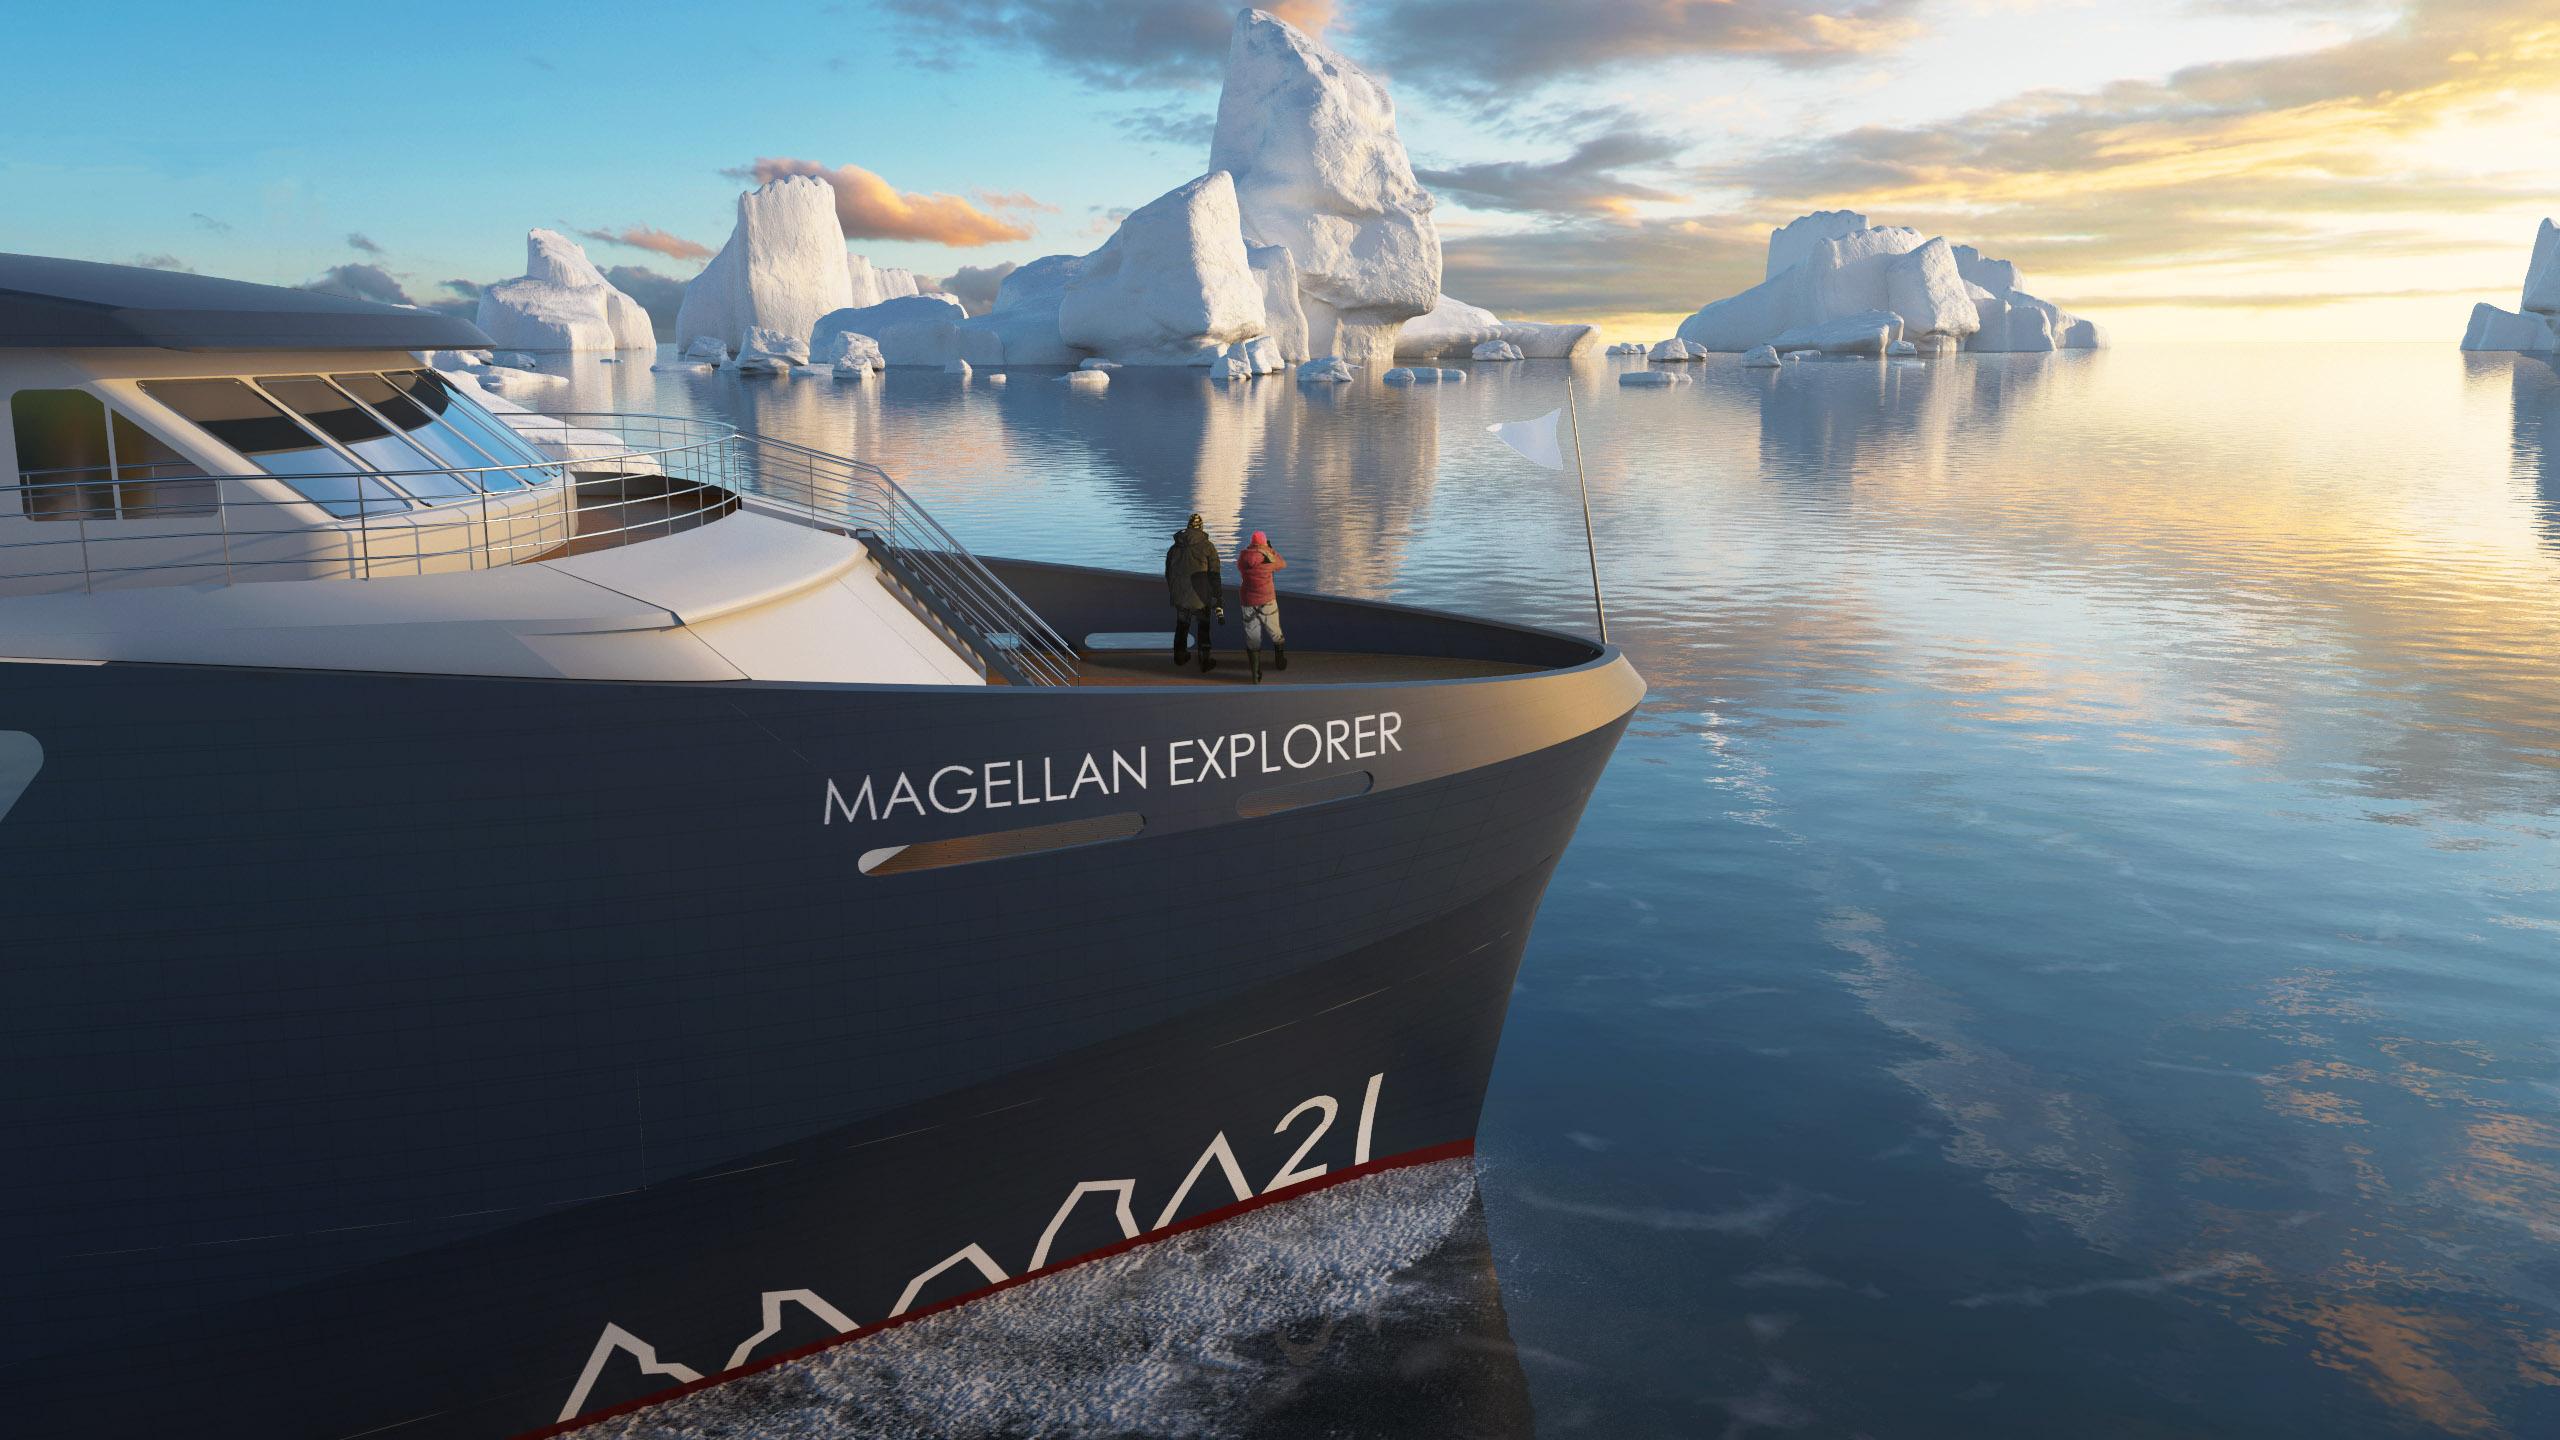 Magellan Explorer